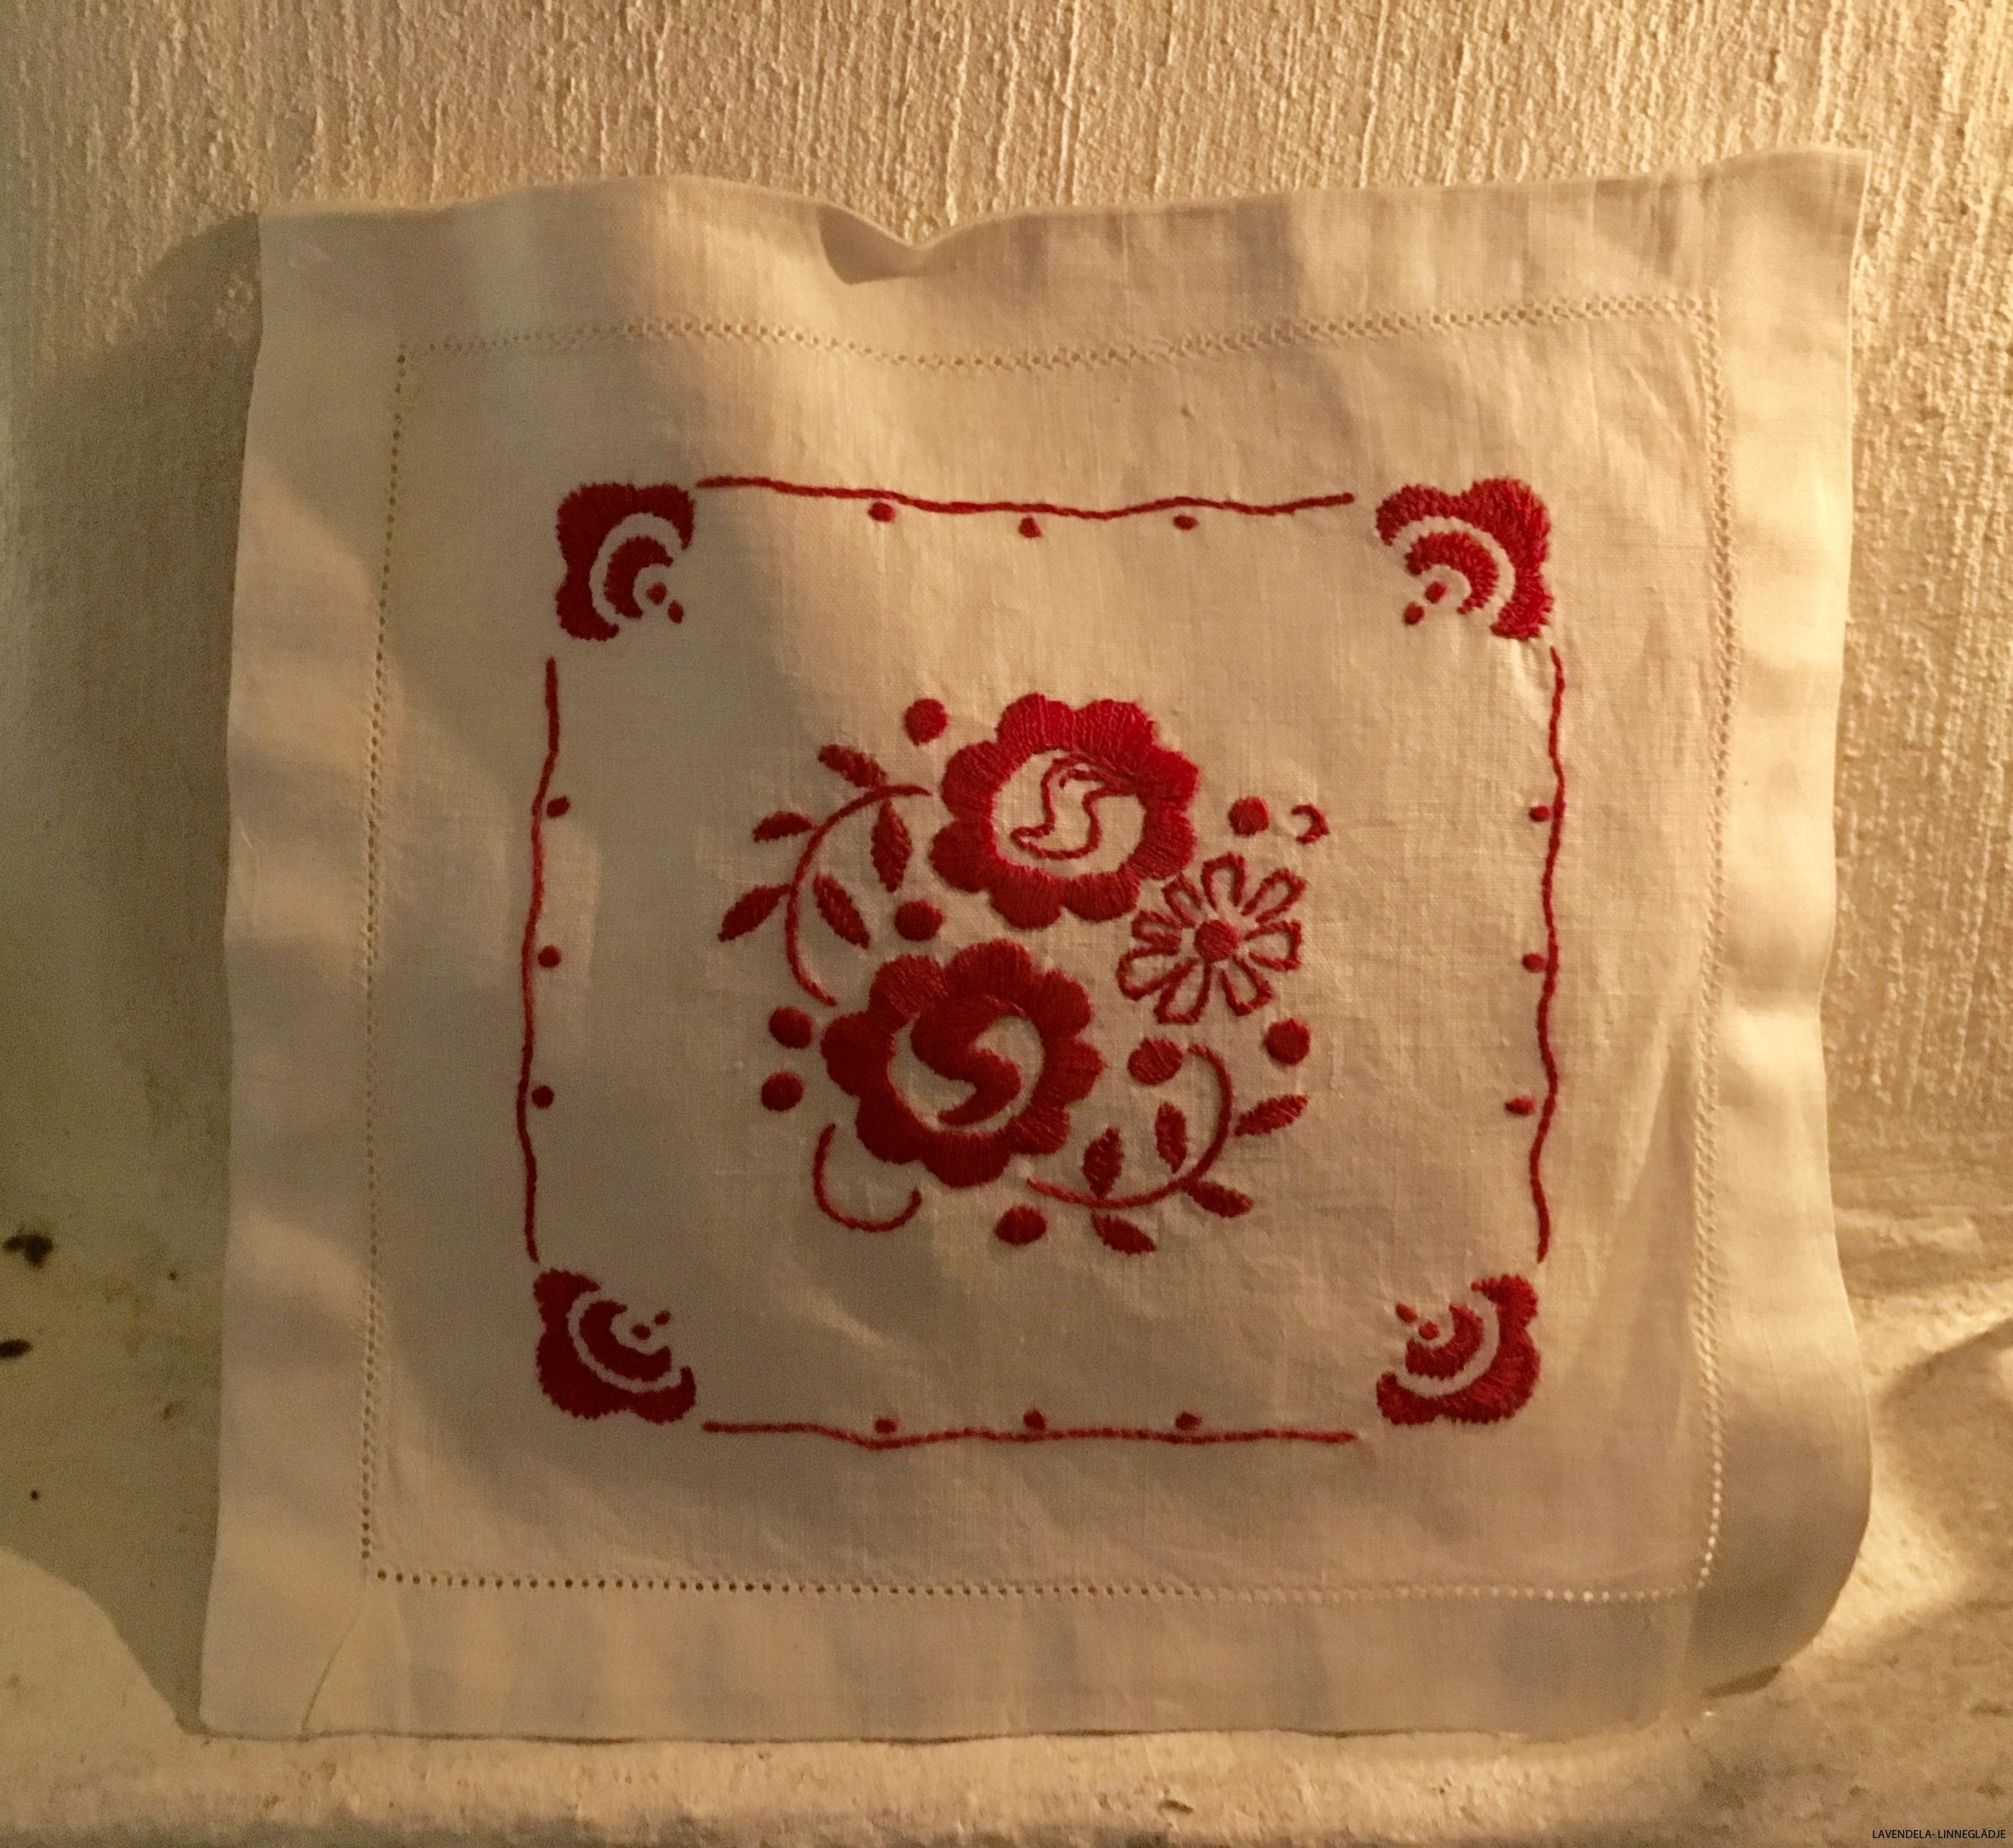 Handbroderad i rött och vitt